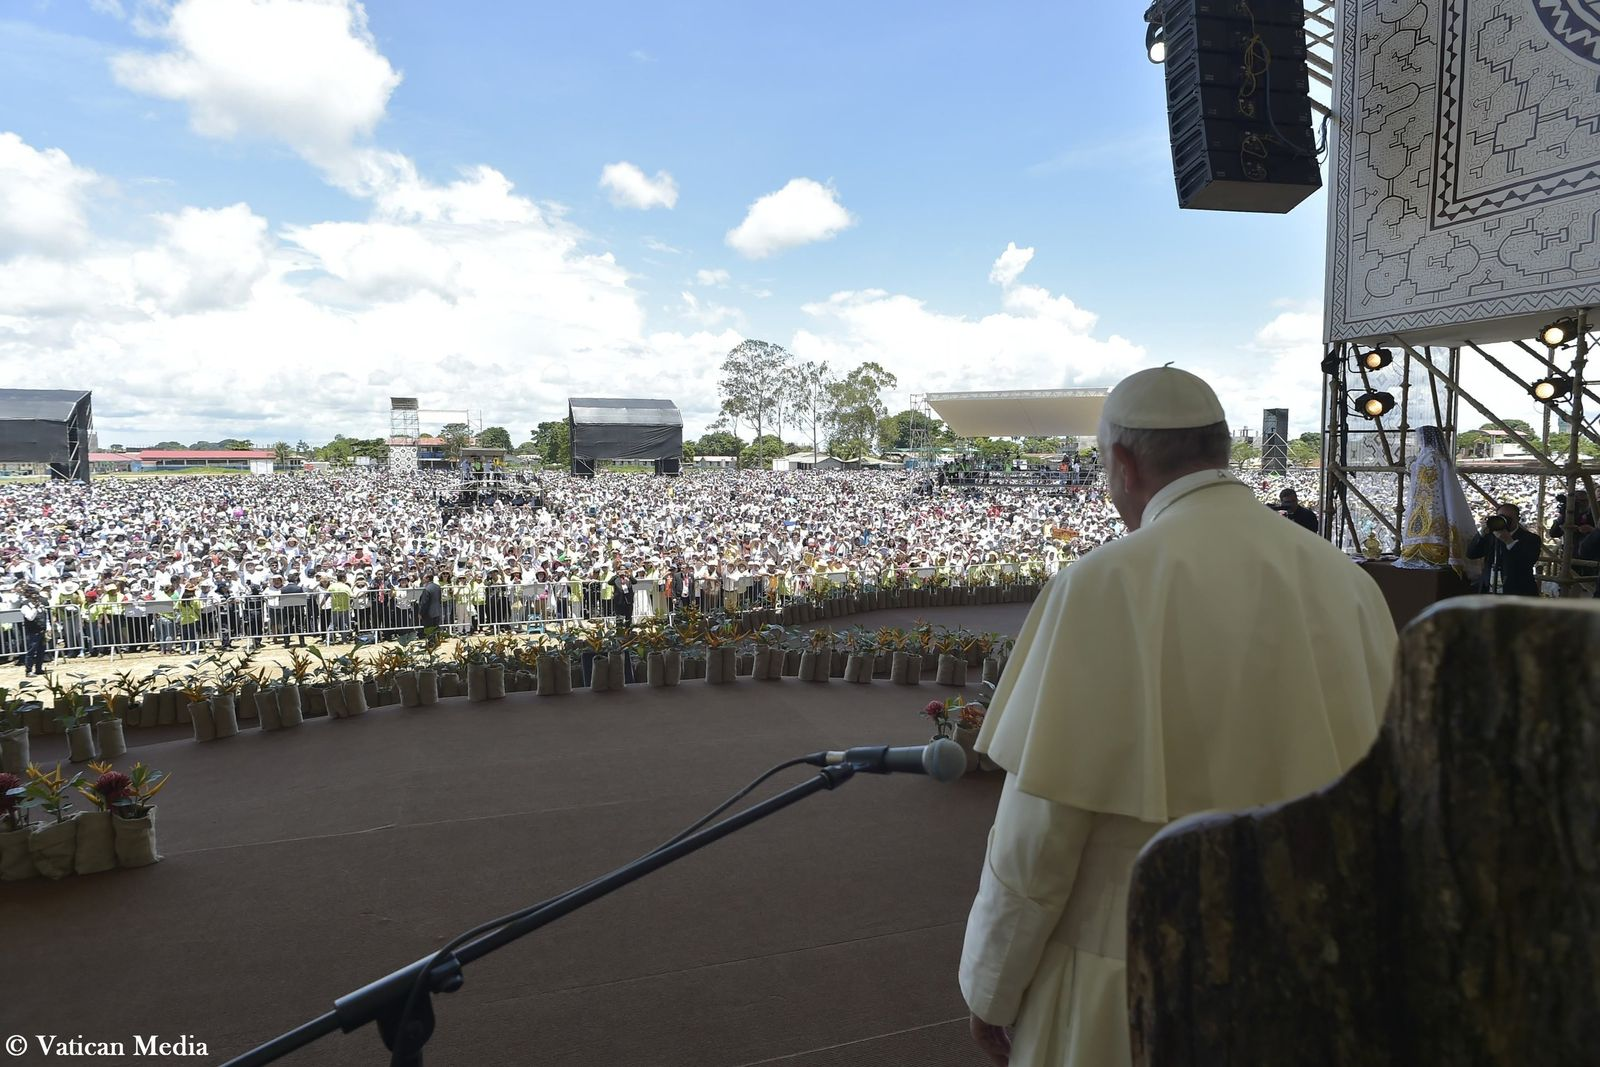 Papstbesuch in Peru